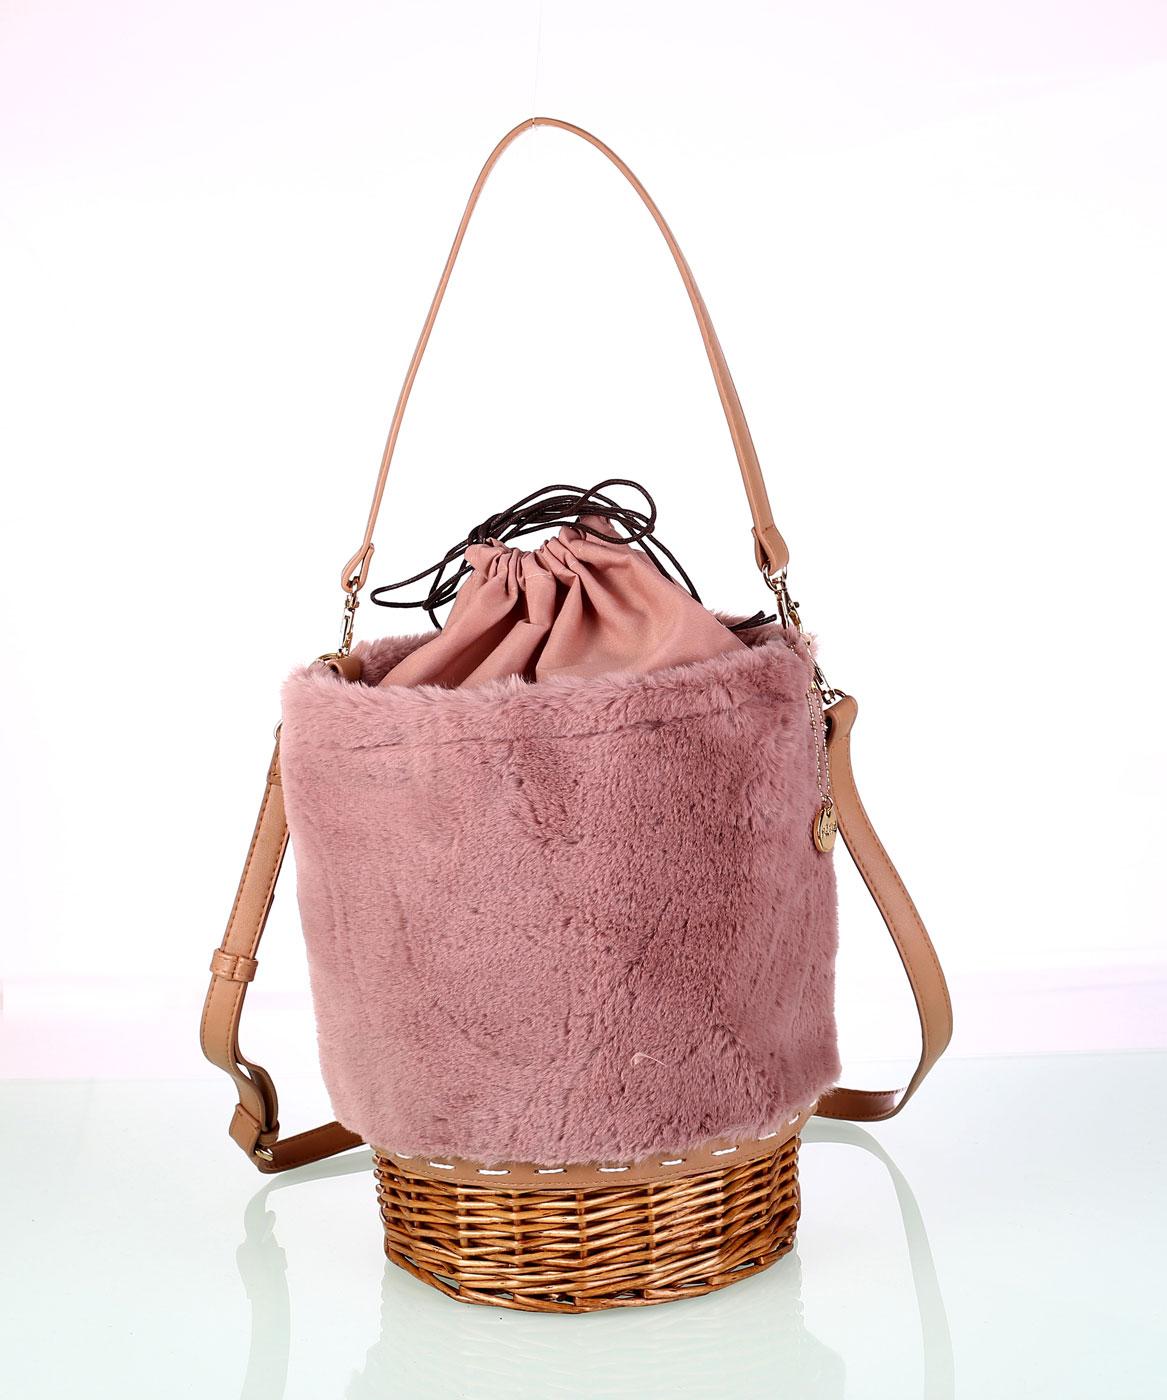 f415c80877 Dámska kabelka z umelej kožušiny Kbas s prúteným dnom ružová